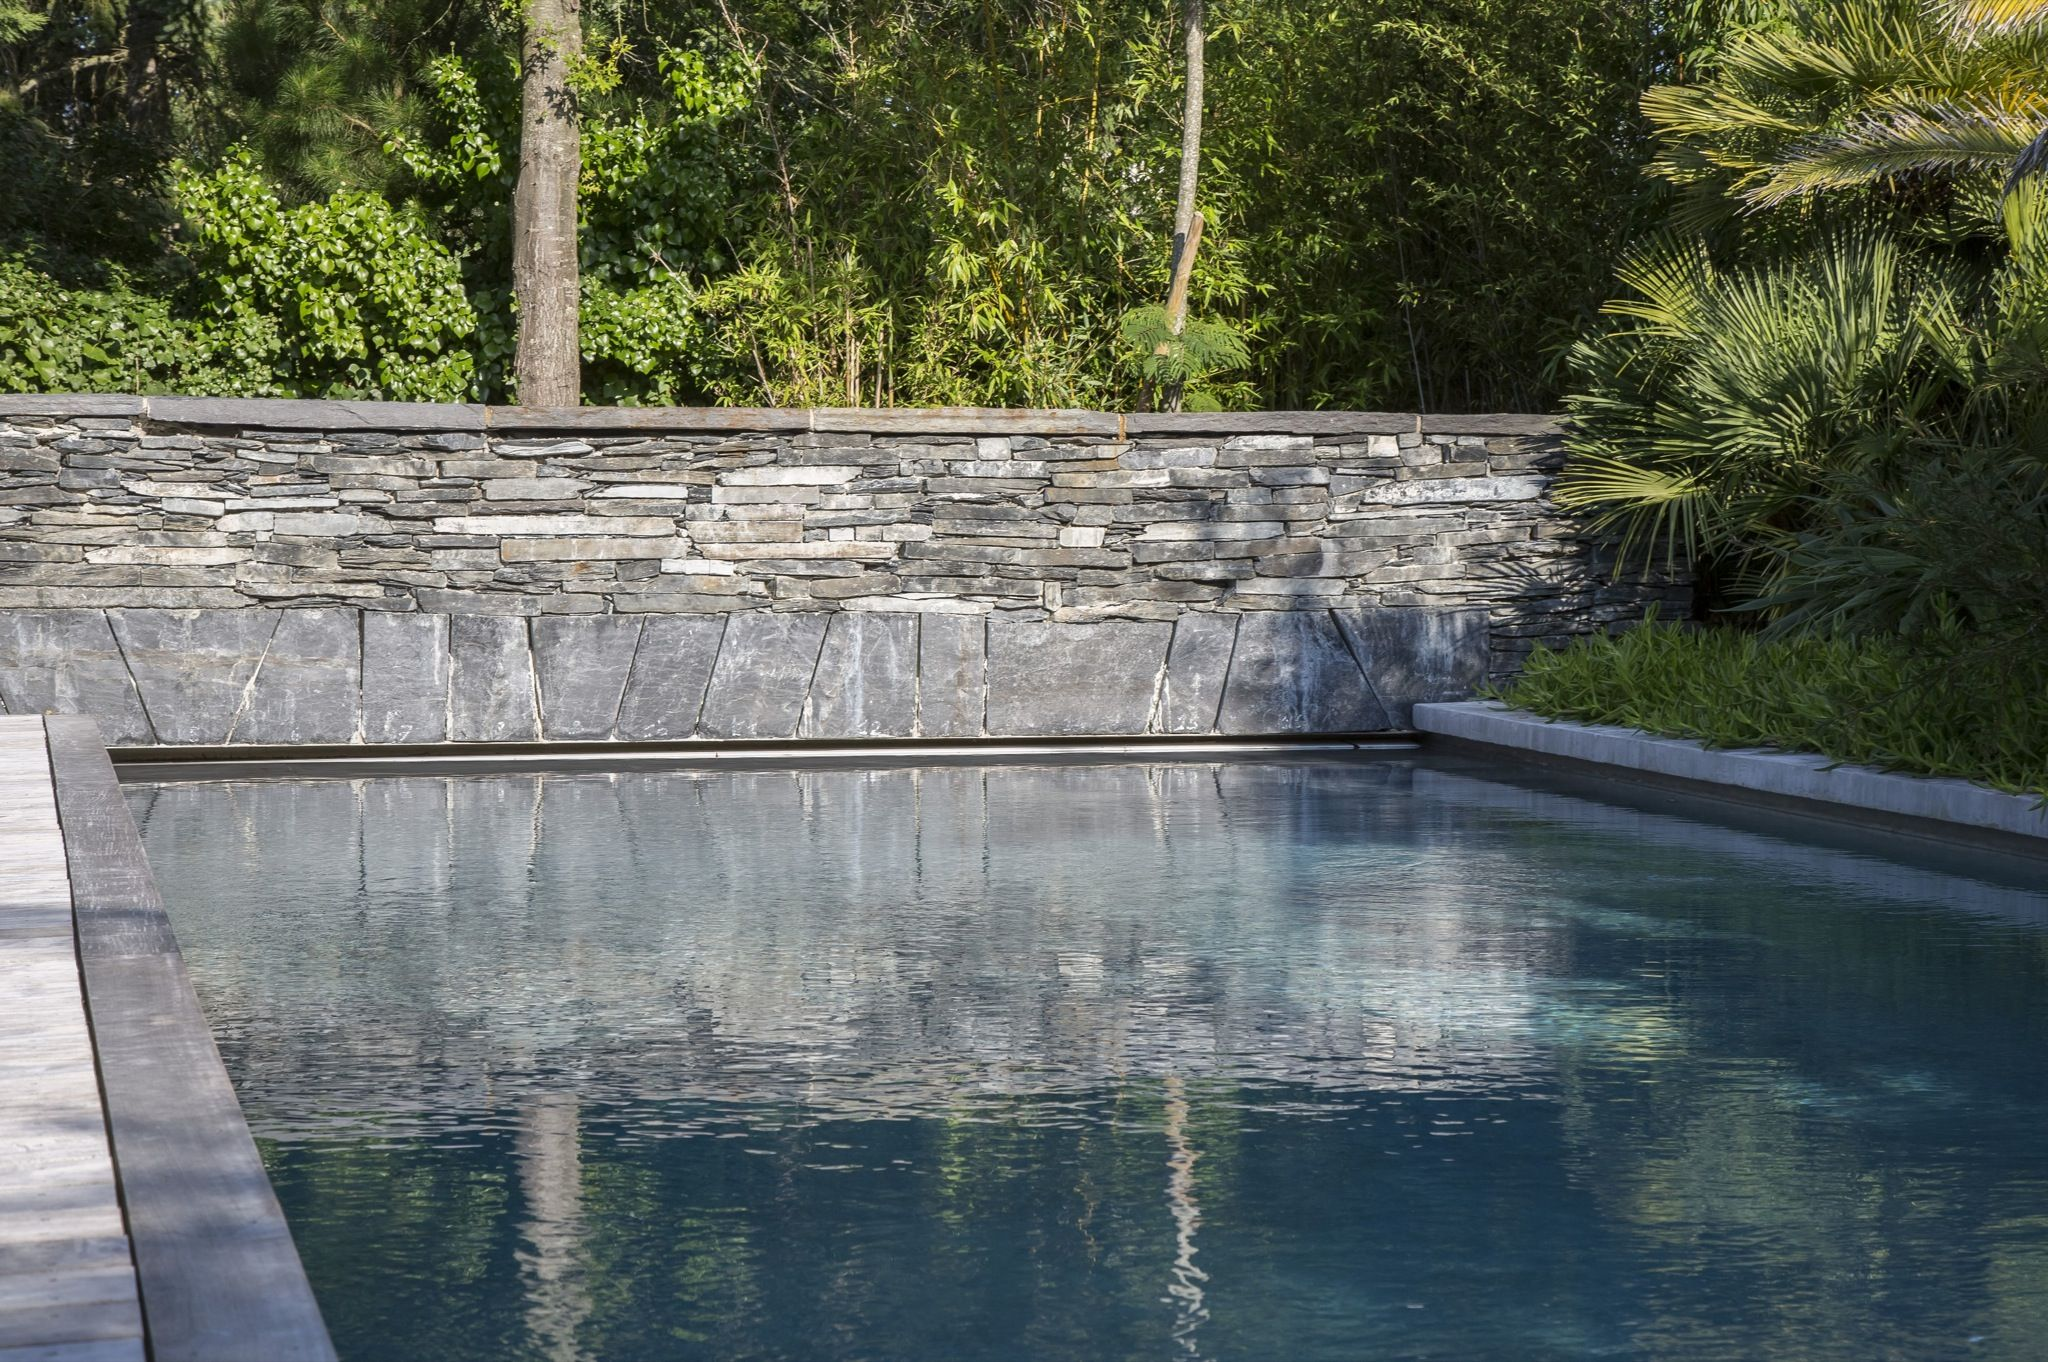 Le couloir de nage par l esprit piscine 22 20 x 3 m Revªtement